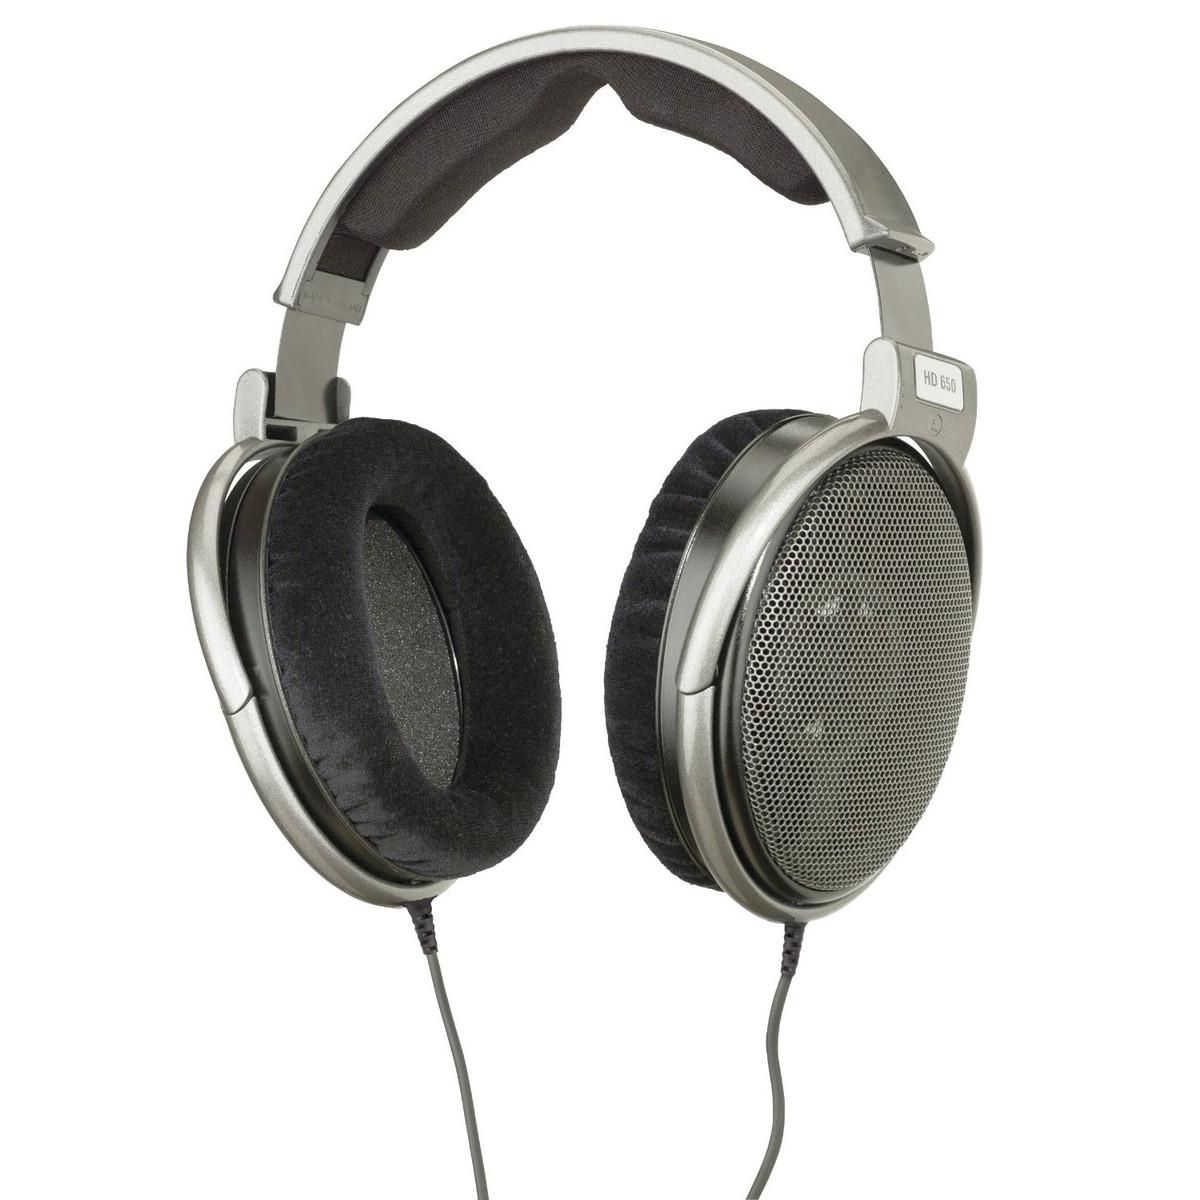 Sennheiser Hd 650 Audiophile Casque Dynamique Ouvert Boîte Ouverte